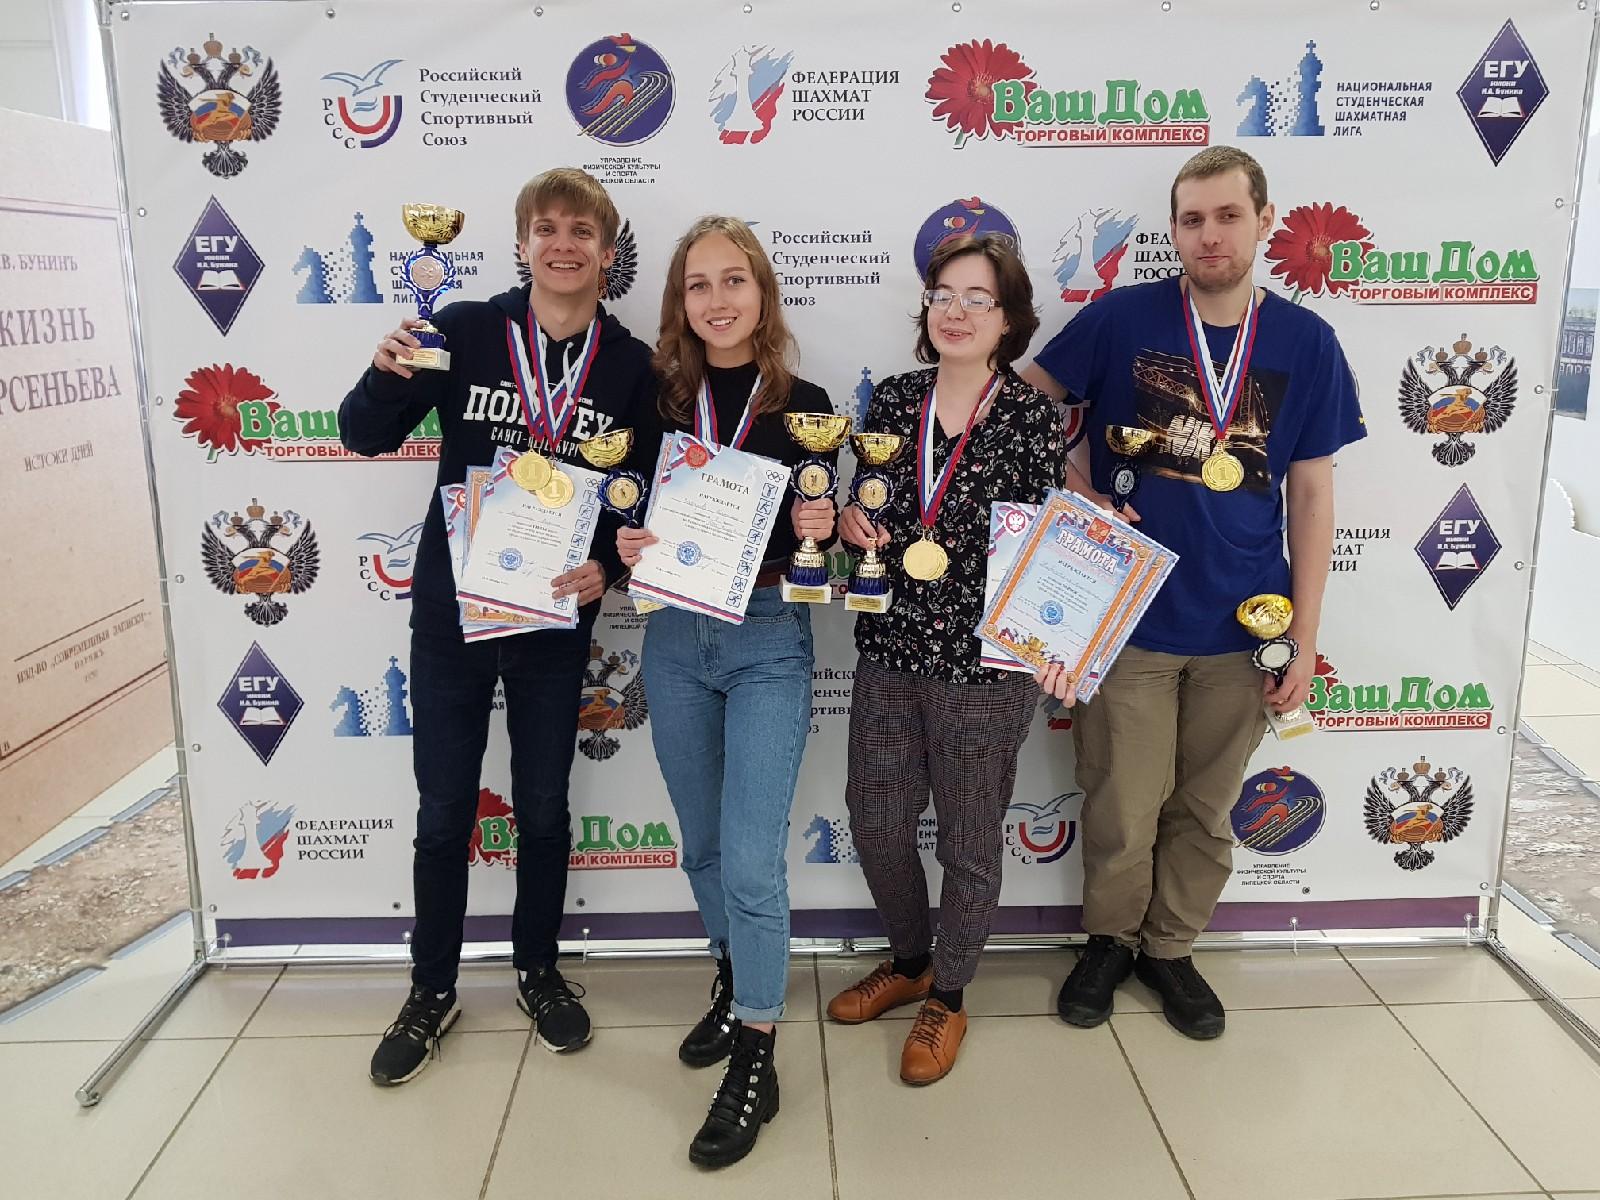 Шахматисты Политехнического — победители Всероссийских соревнований!